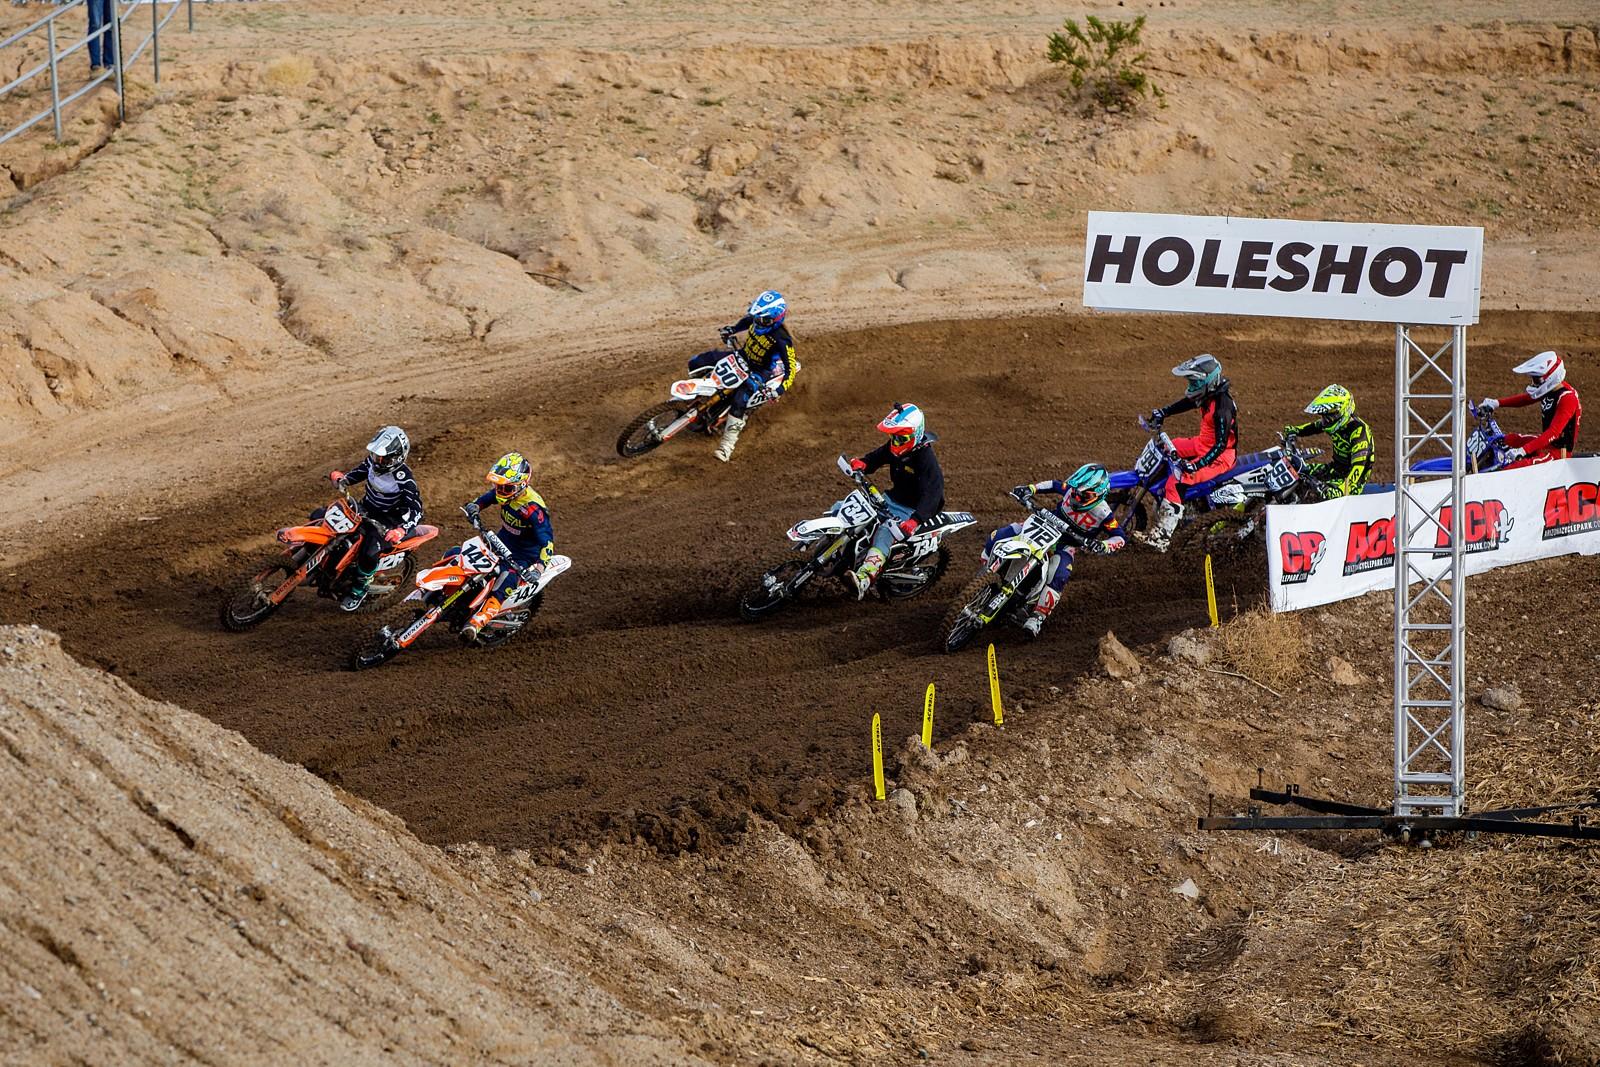 Sage Lewis - AZ Open of Motocross, Part 2 - Motocross Pictures - Vital MX